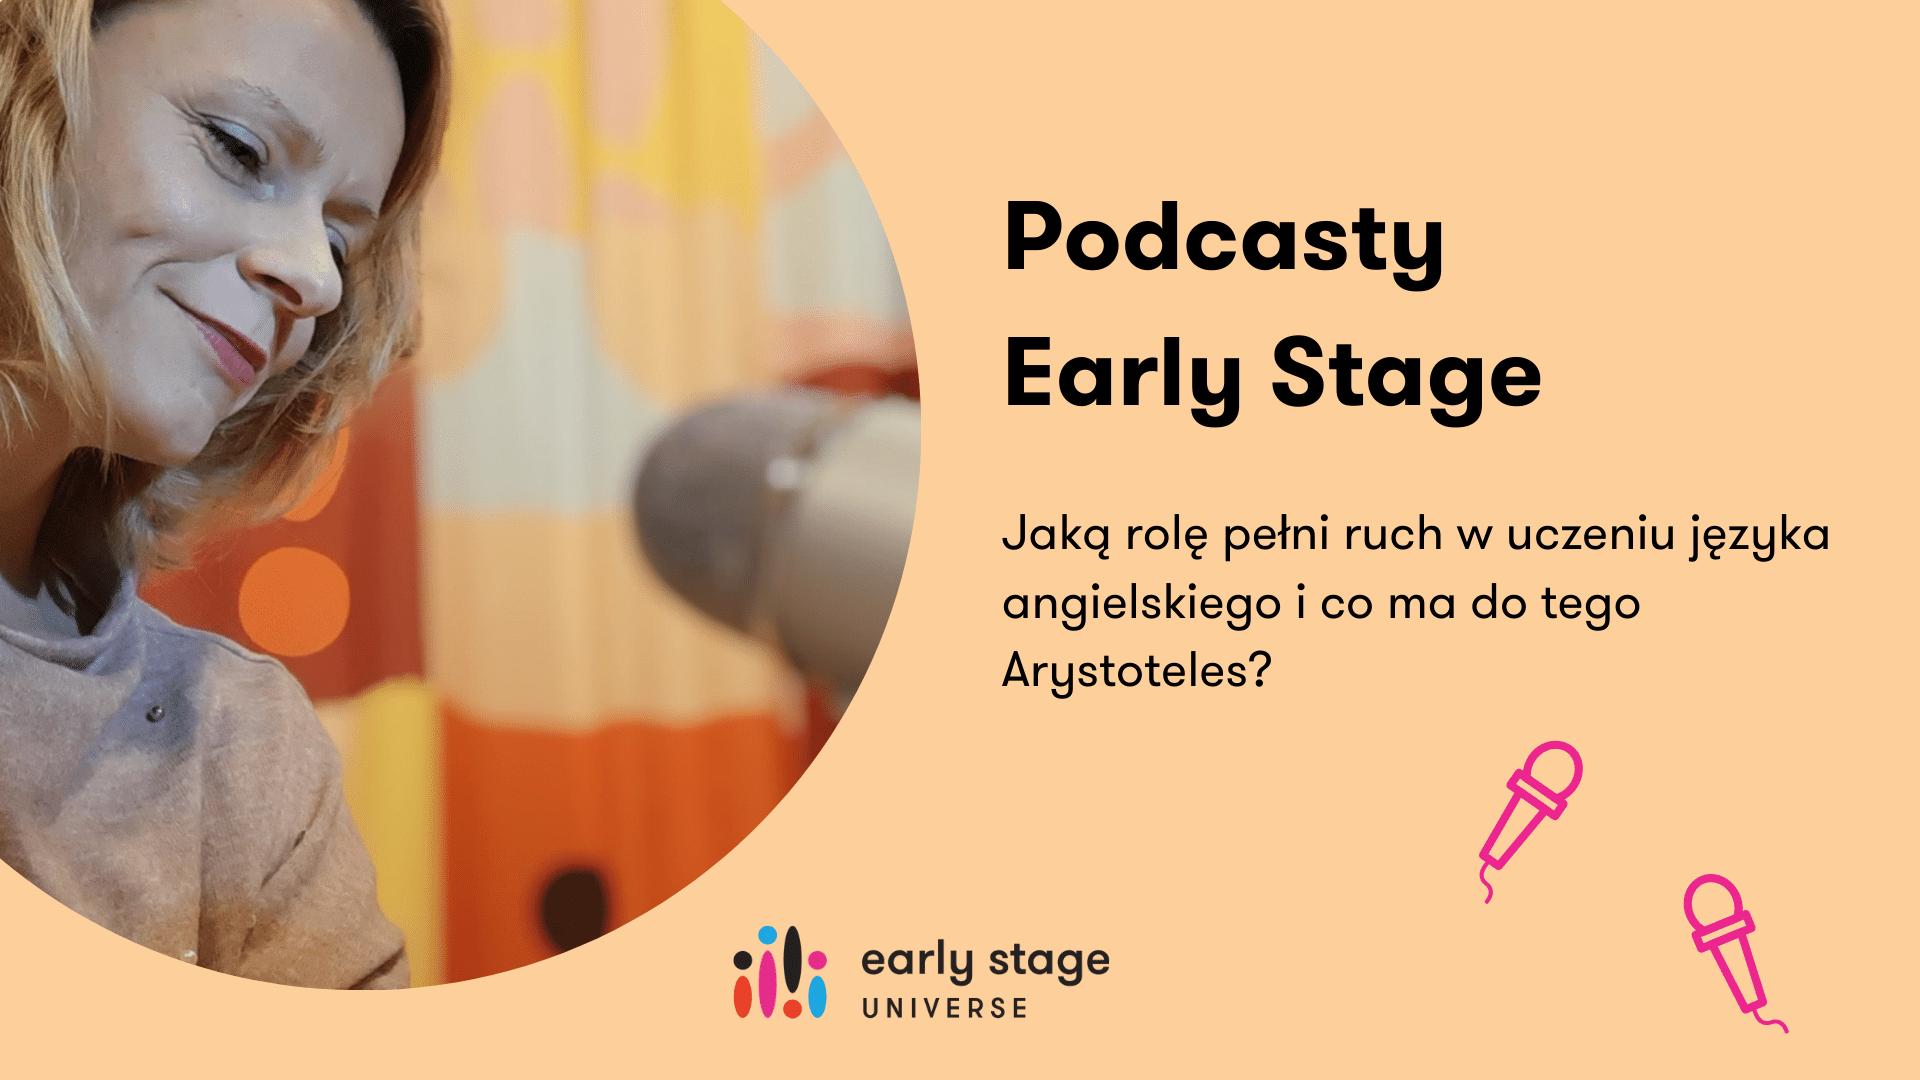 Podcast Jaką rolę pełni ruch w uczeniu języka angielskiego i co ma do tego Arystoteles